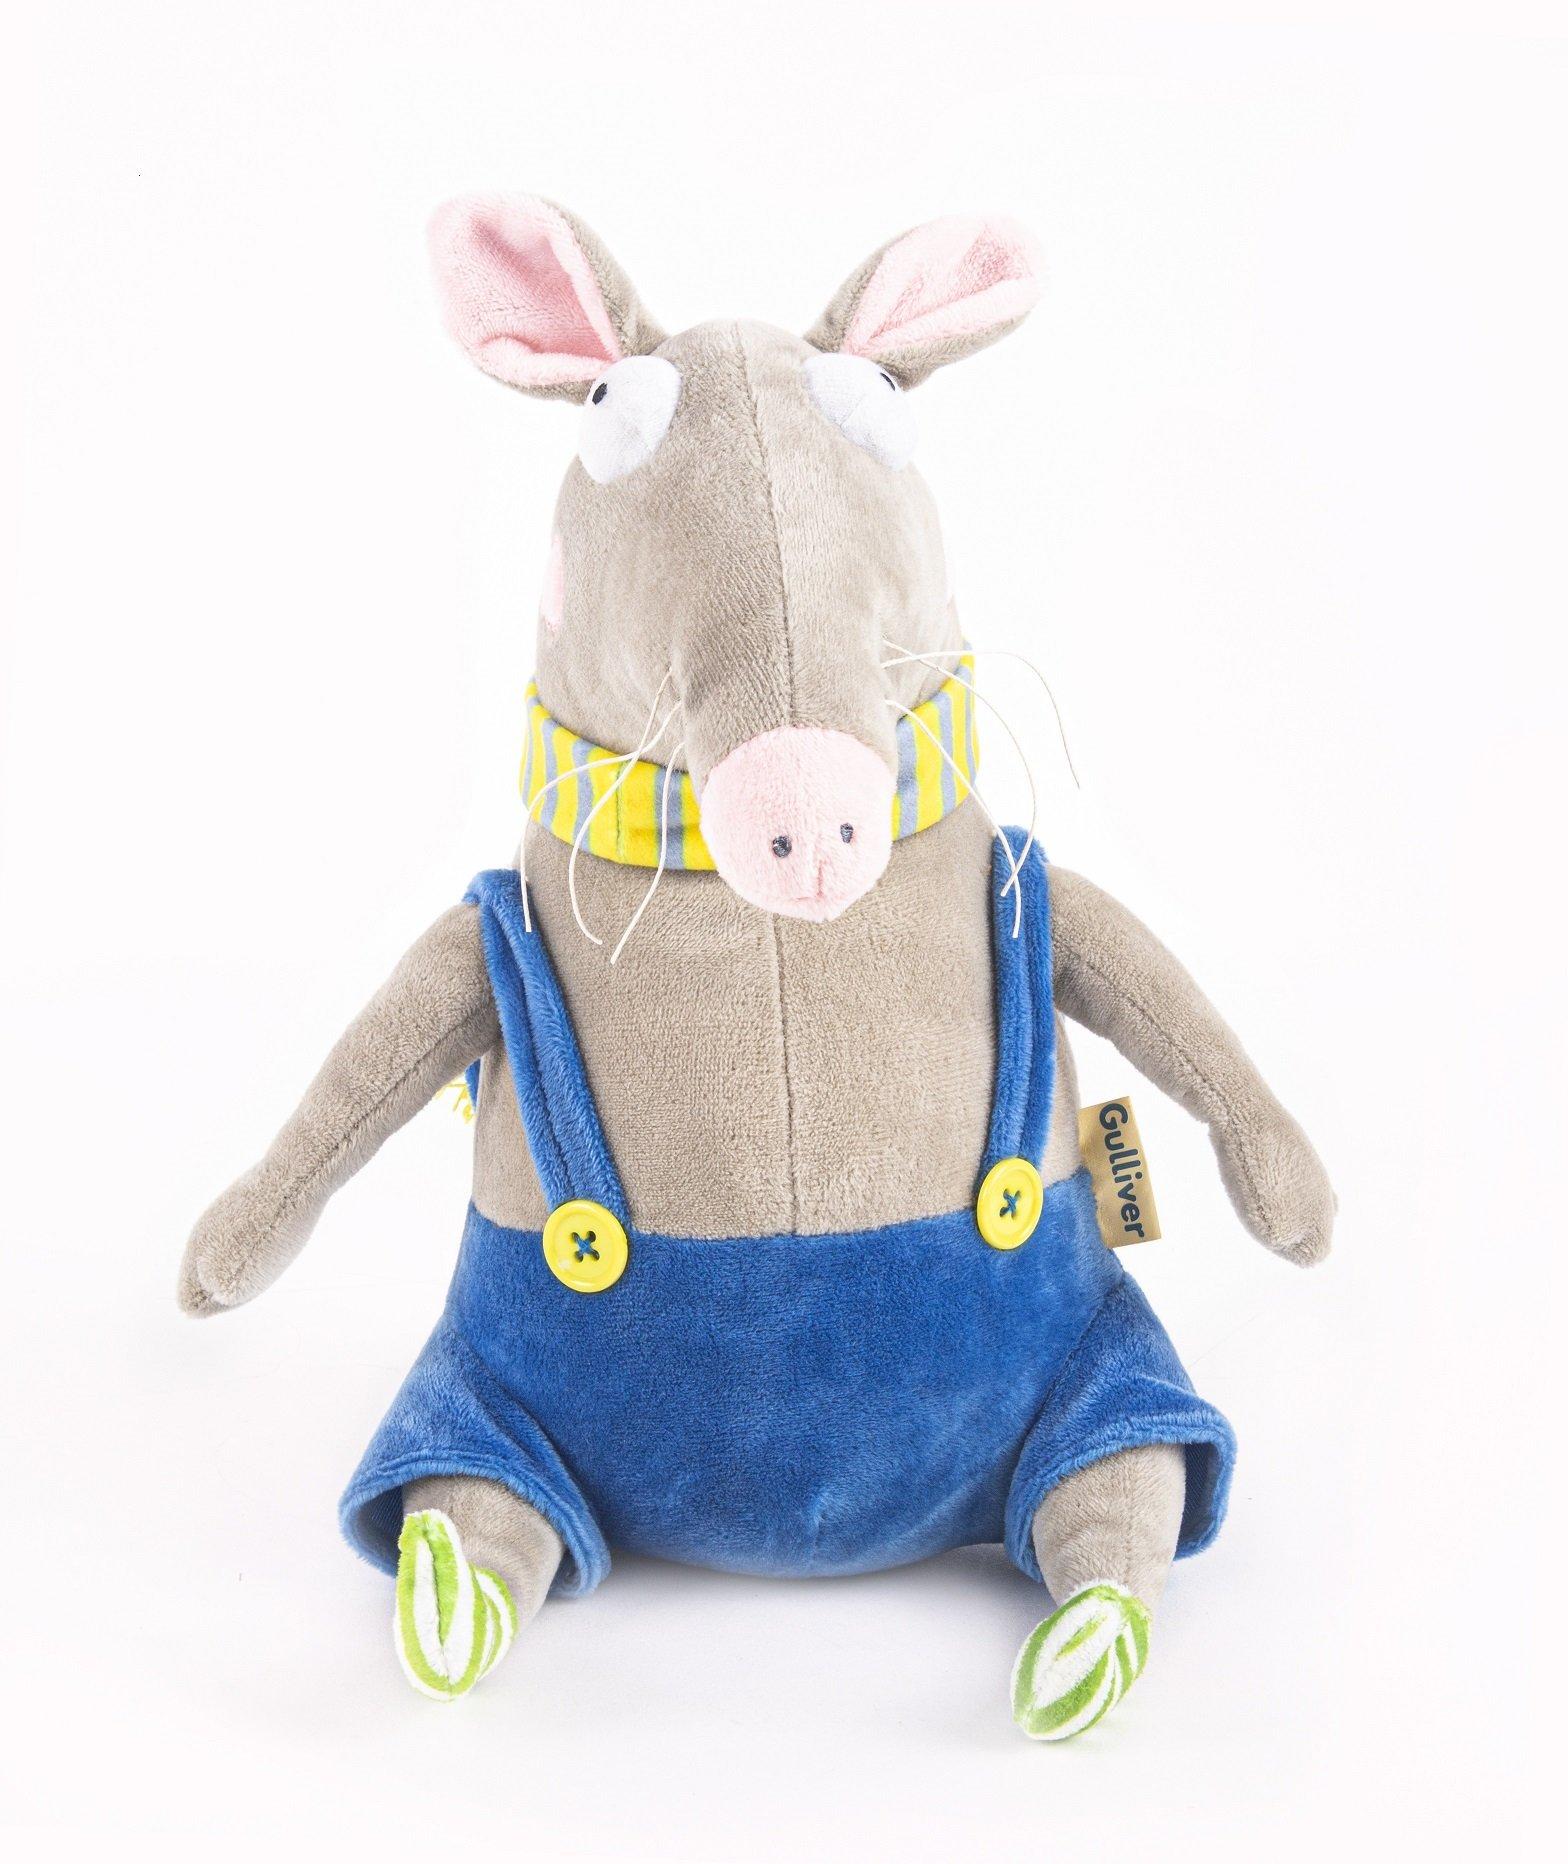 Мягкая игрушка - Крыса Афоня, 25 см фото